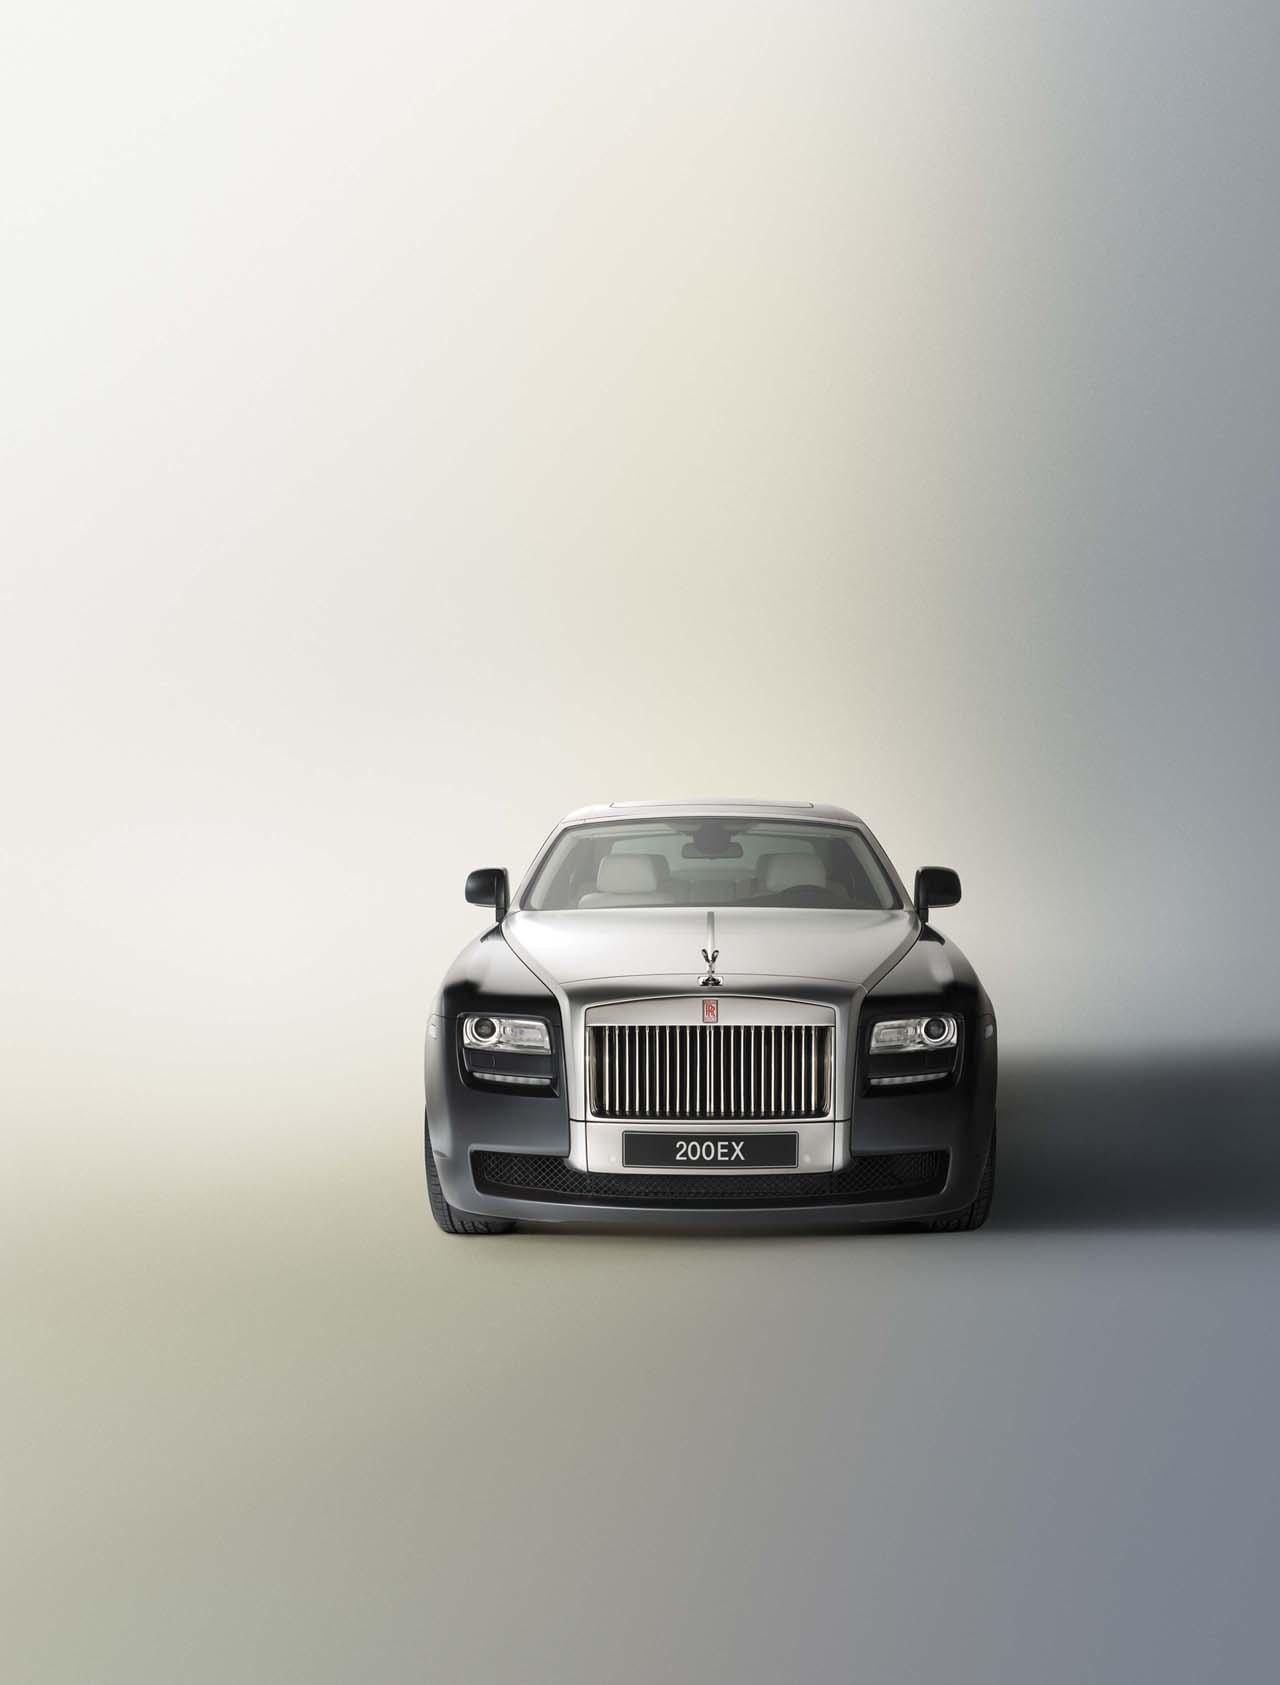 RollsRoyce_200EX_Concept_01.jpg